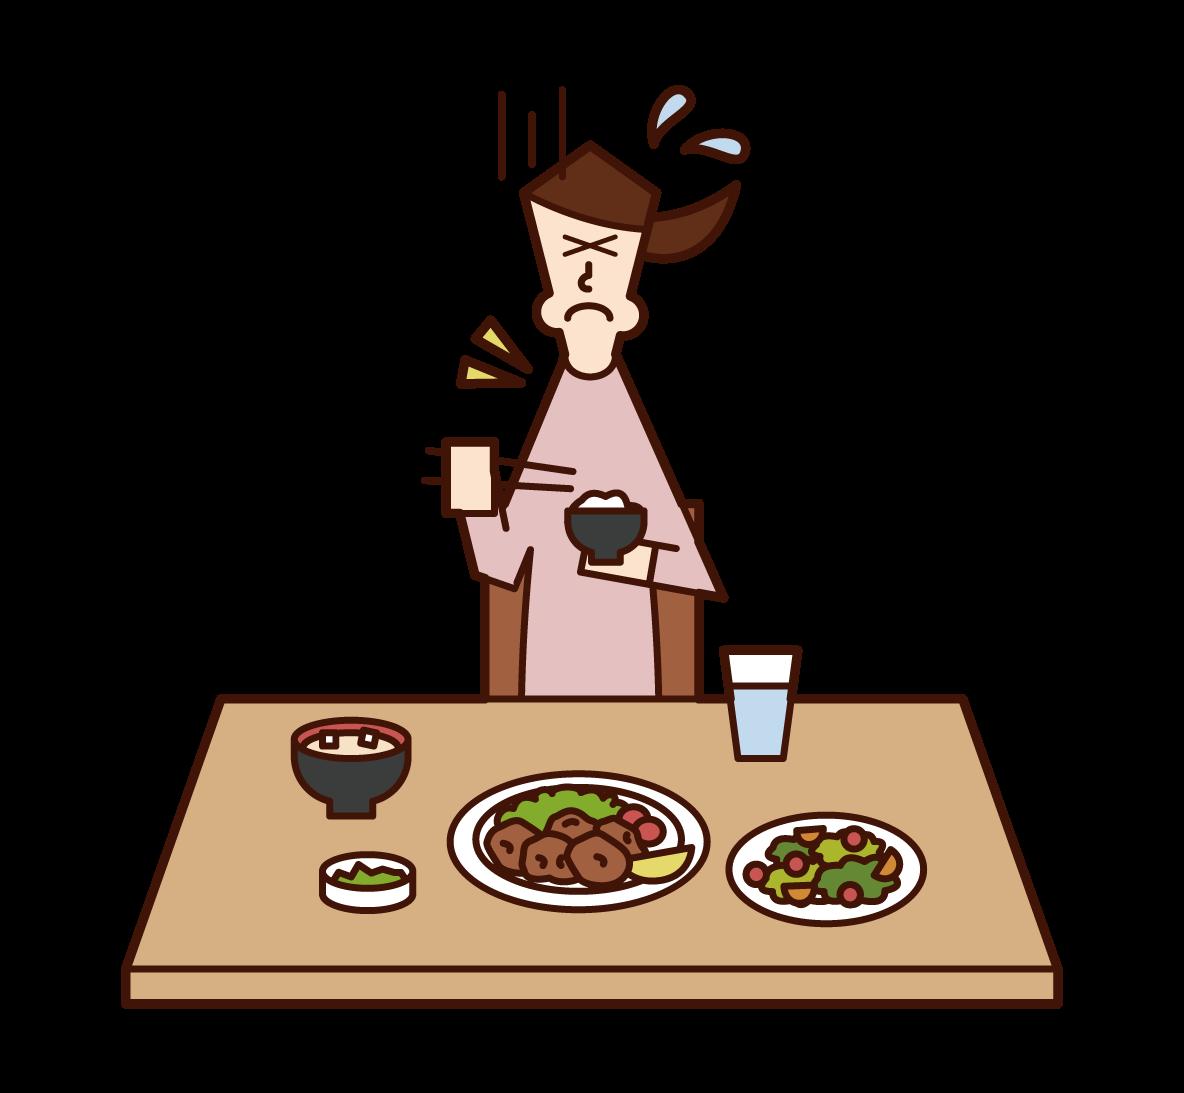 食べ物を喉に詰まらせた人(女性)のイラスト